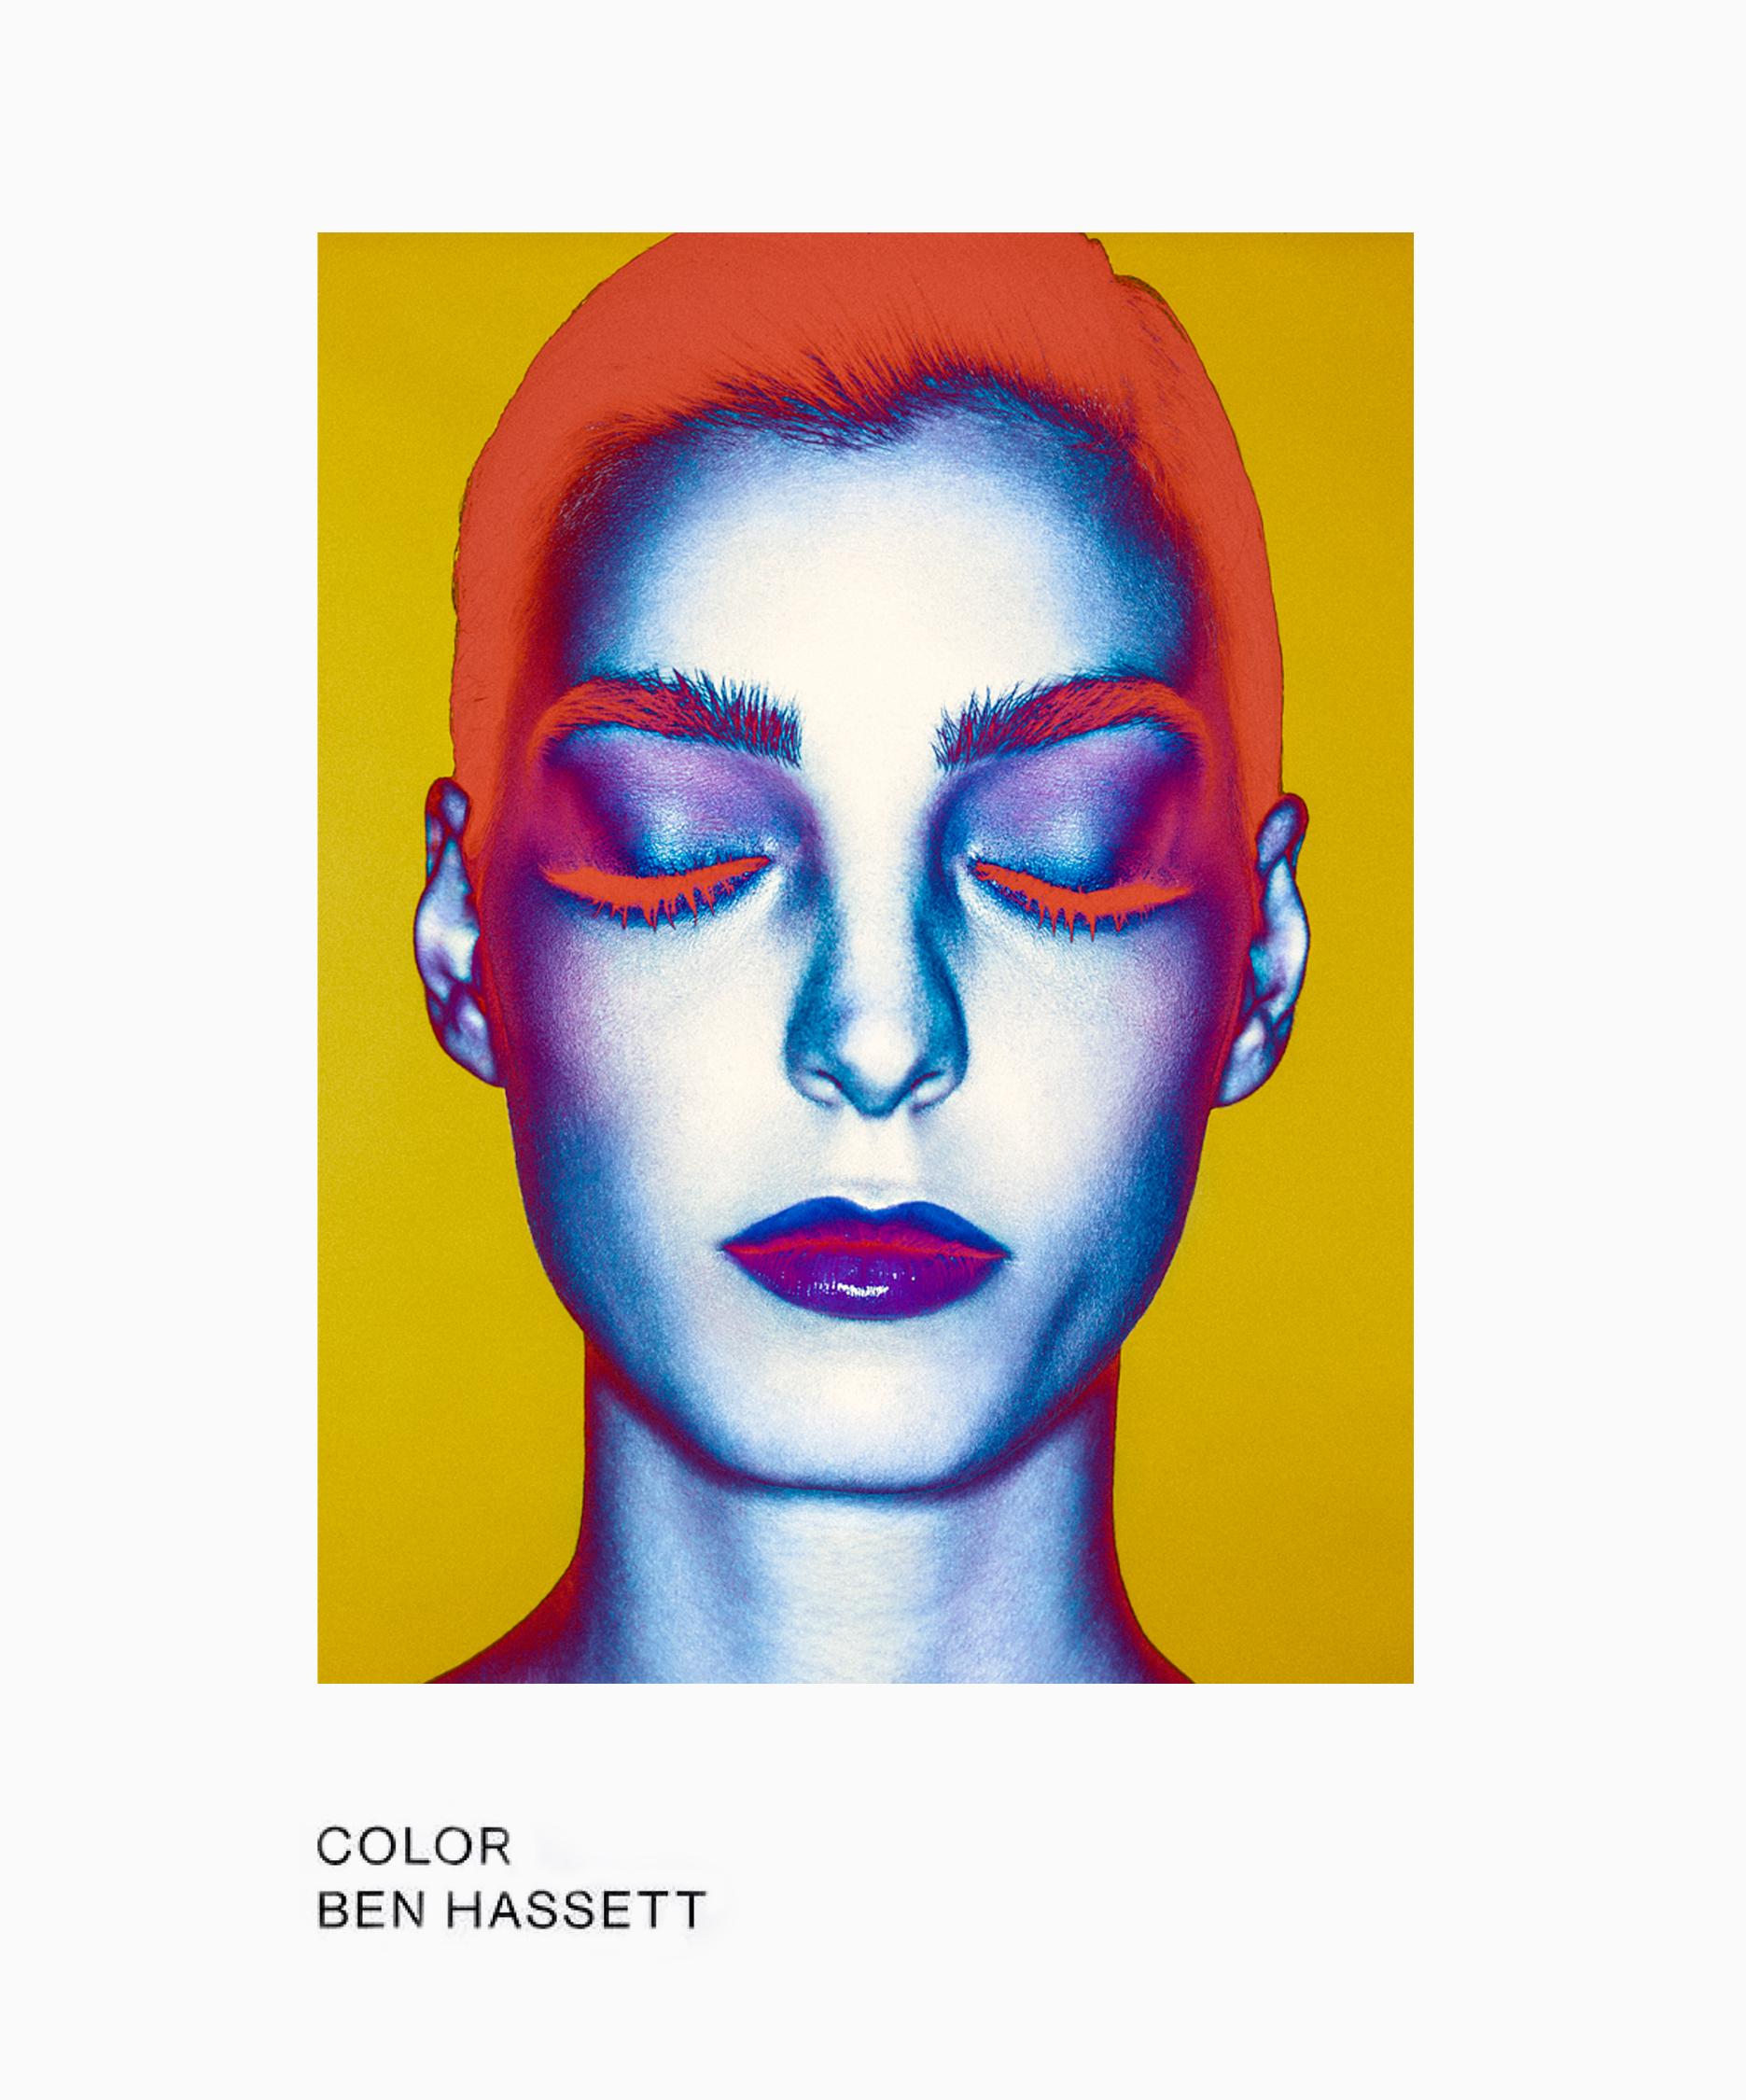 Ben_Hassett_Color_Inner_LR-1 v2.jpg